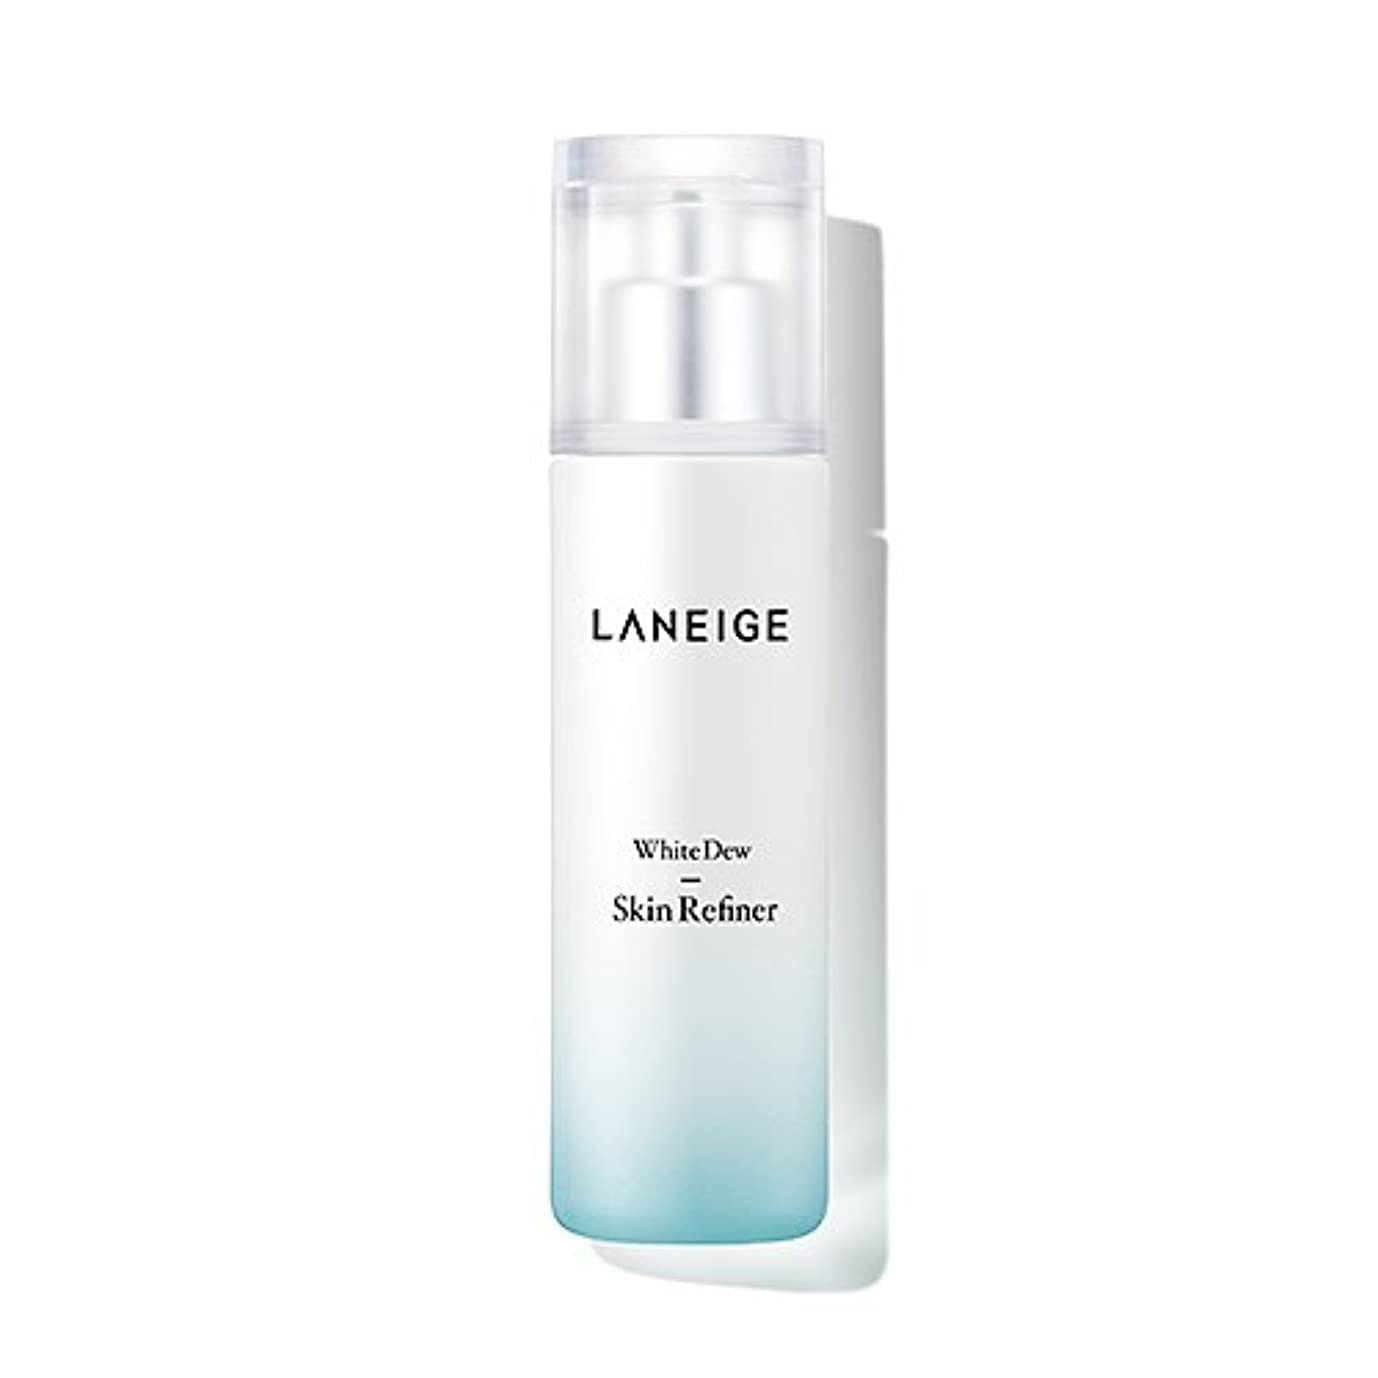 [ラネージュ] LANEIGEホワイトデュースキンリファイナー White Dew Skin Refiner(海外直送品) [並行輸入品]